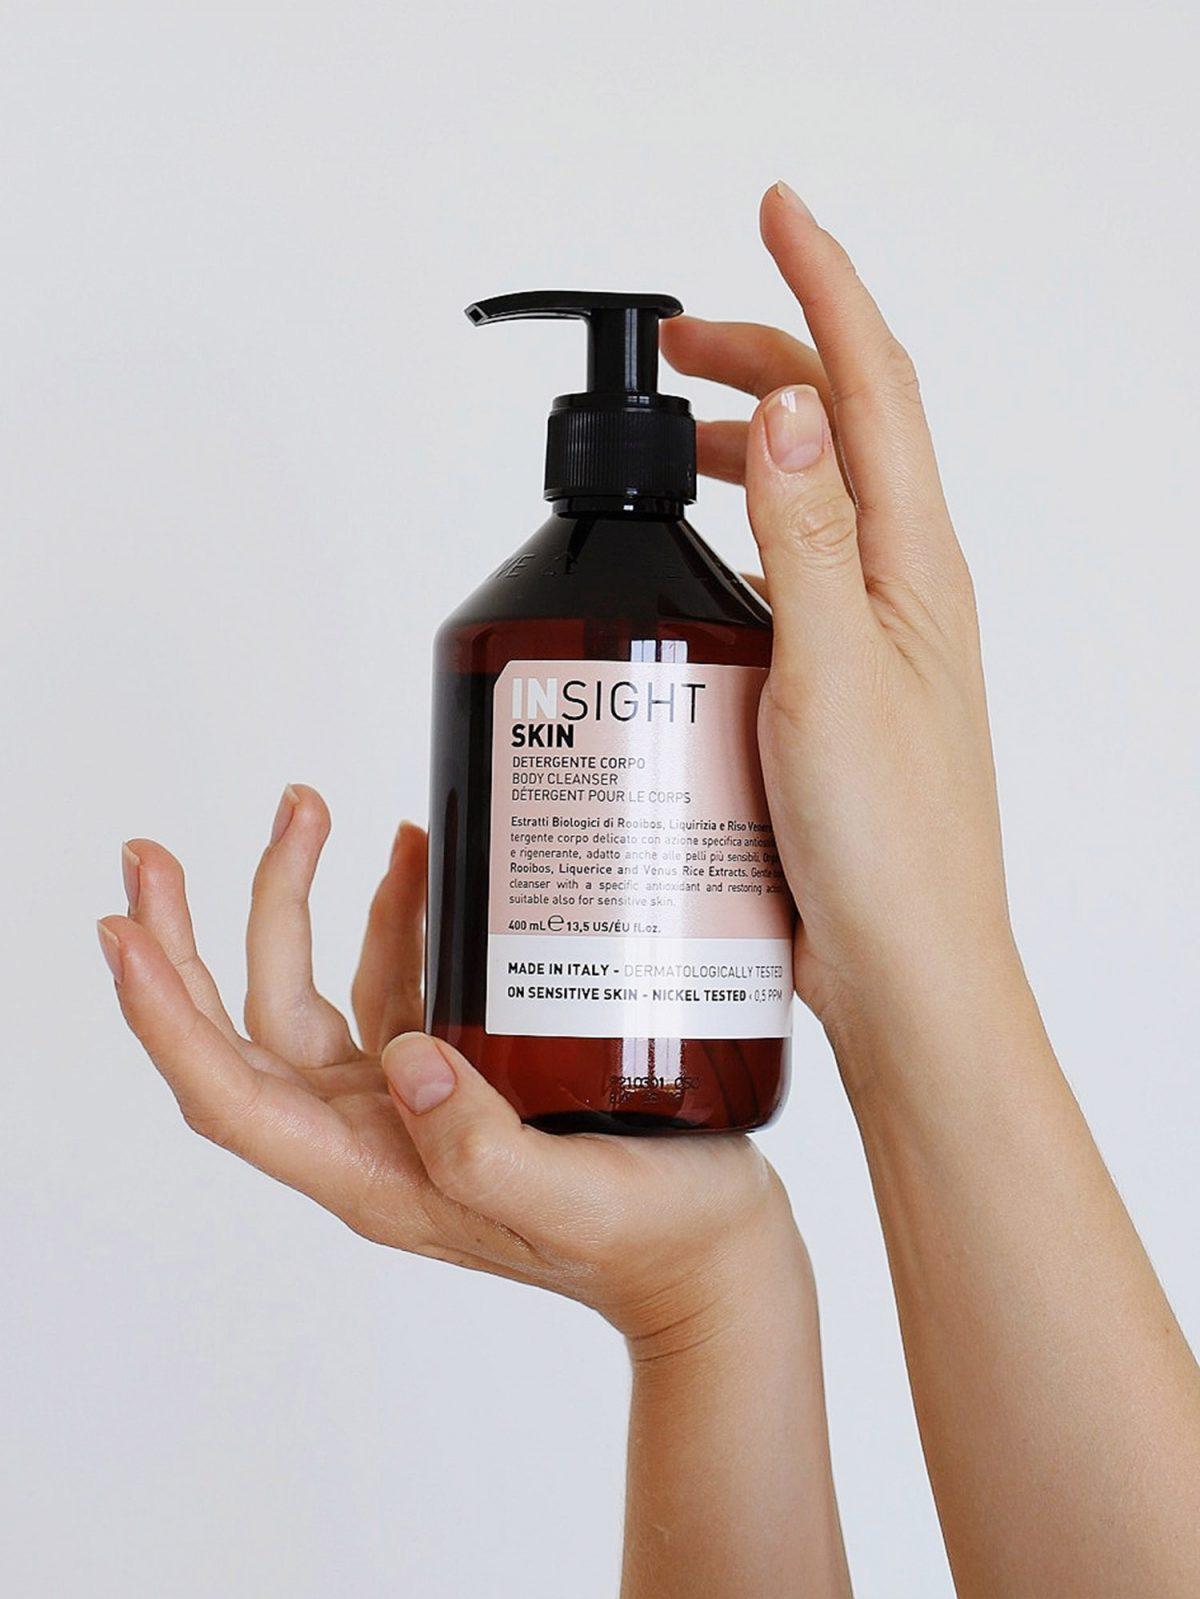 nawilżający żel do mycia ciała, nawilżający żel pod prysznic, żel do mycia, żel pod prysznic, żel do mycia ciała, nawilżający żel do mycia ciała insight skin